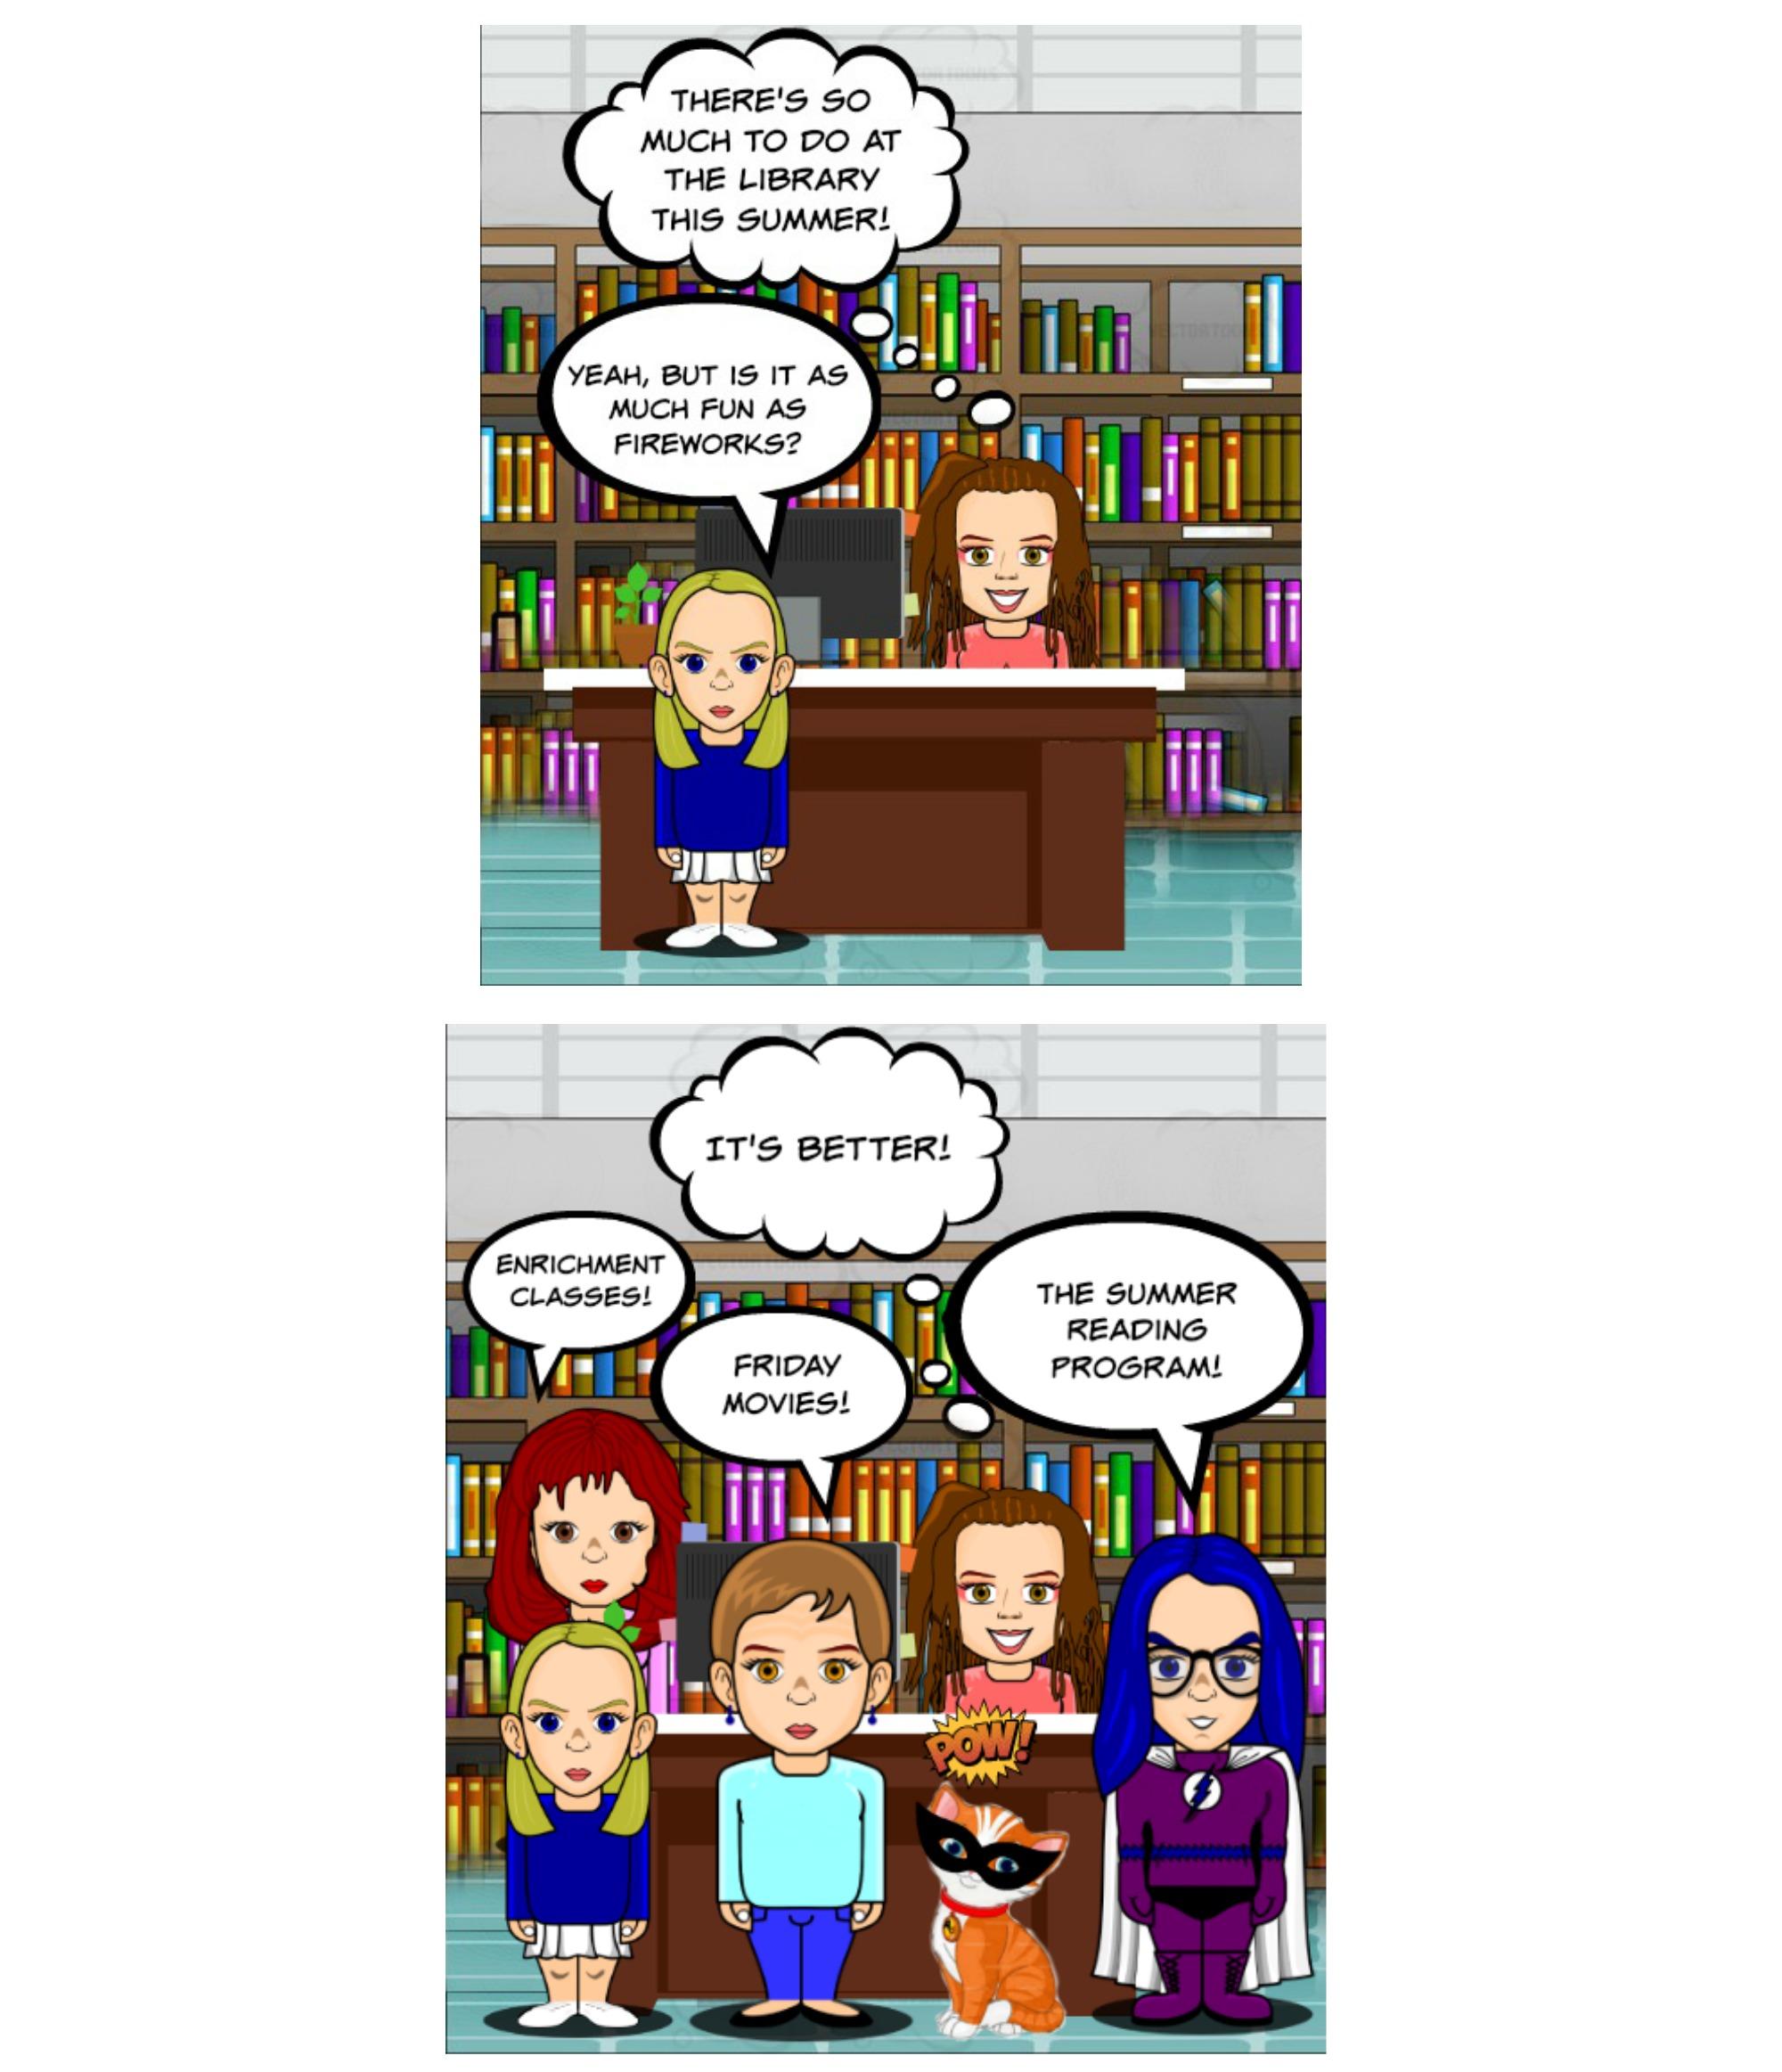 JulyCartoonForGallery